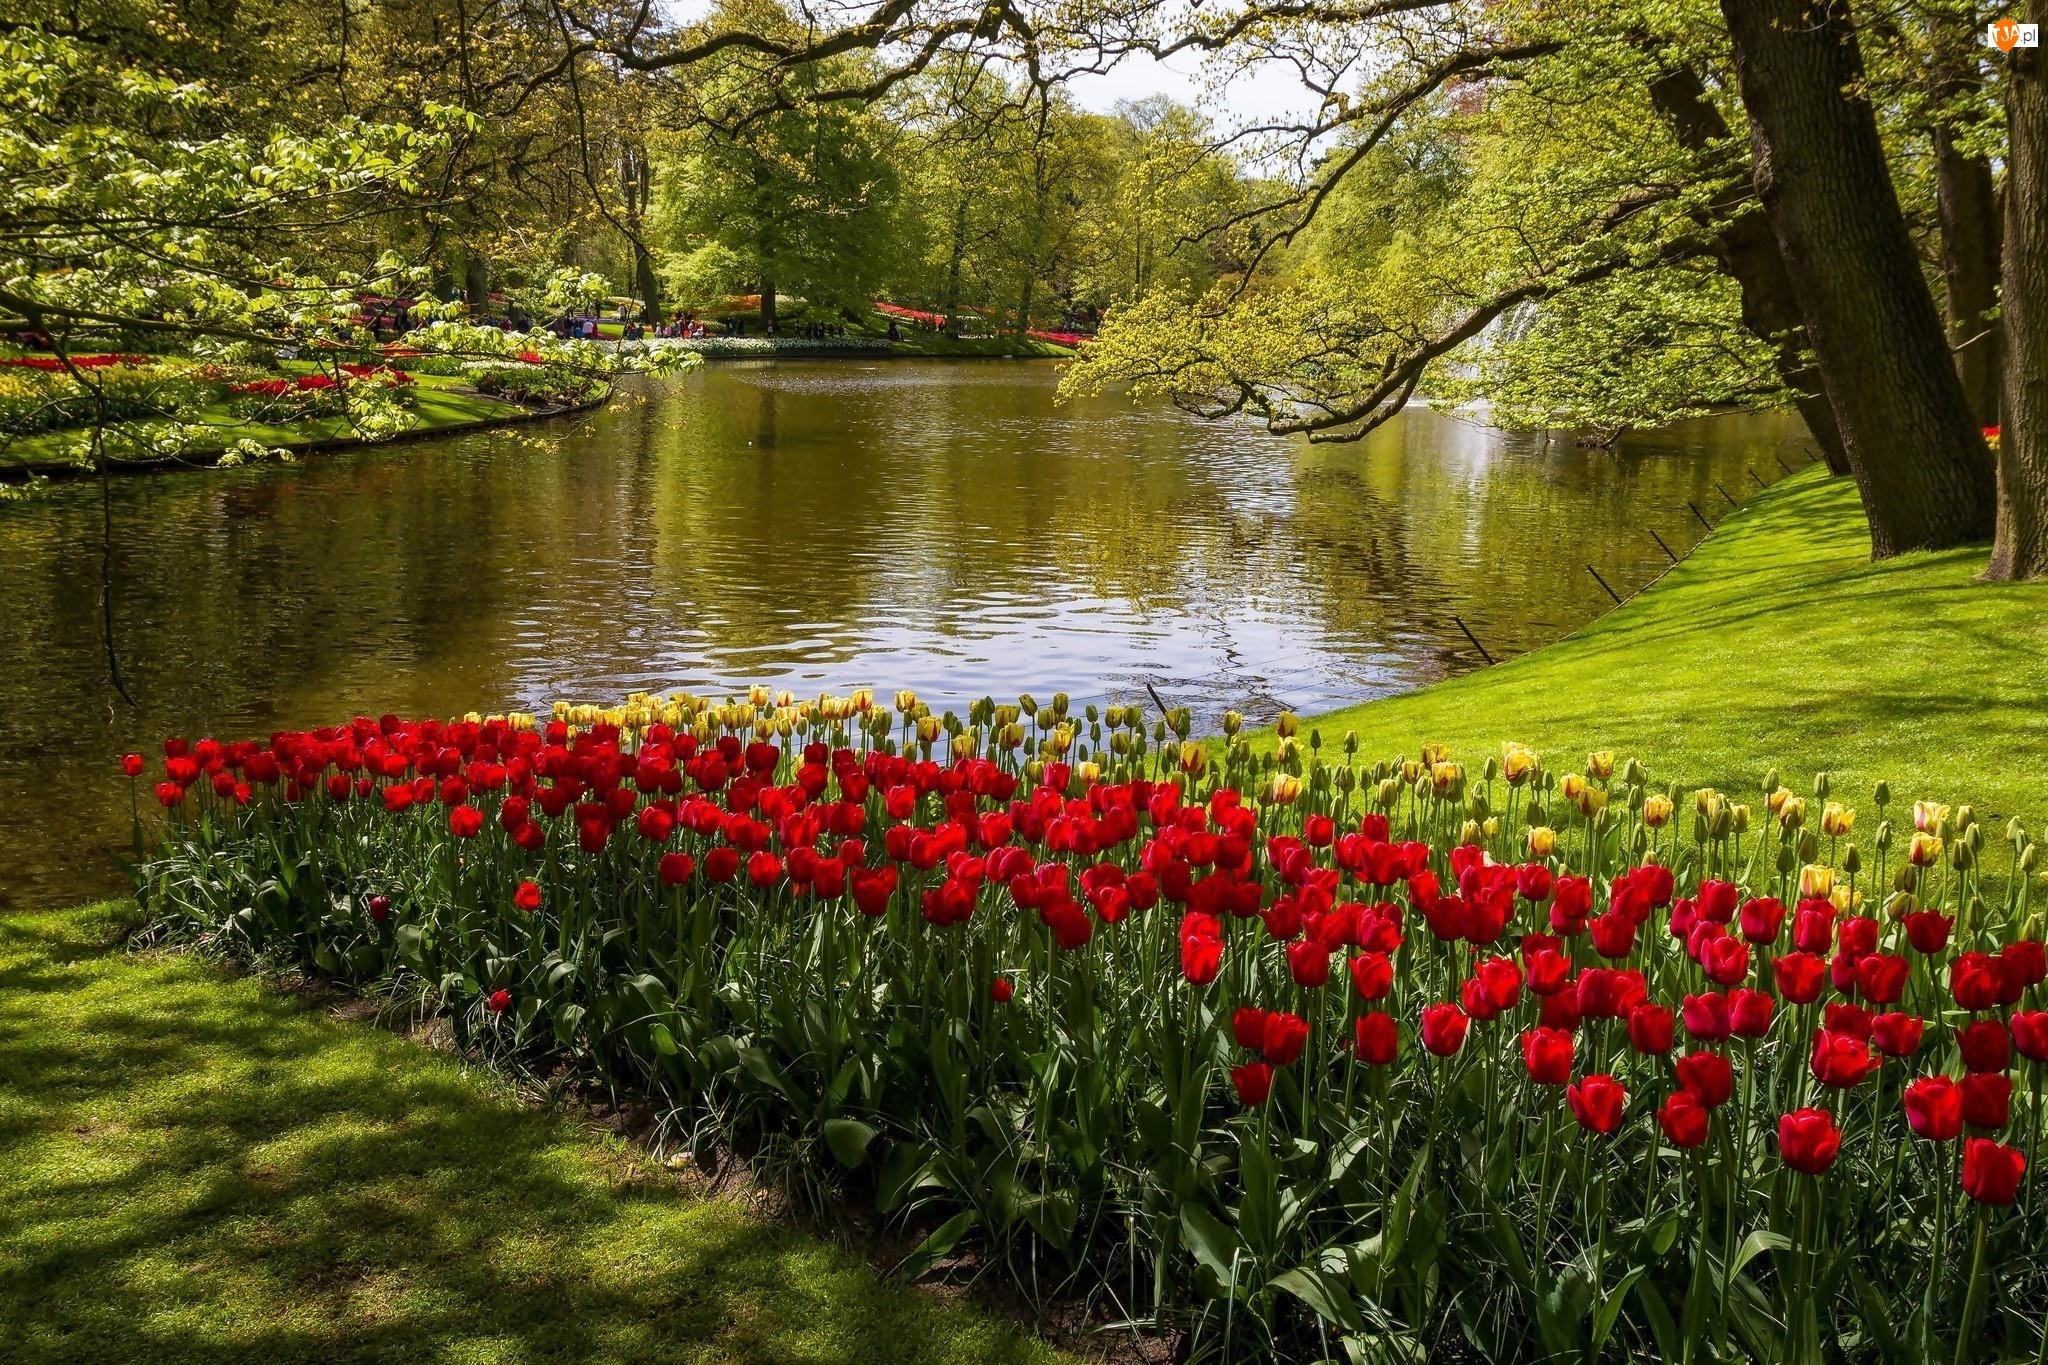 Kaukenhof, W, Rzeka, Wiosna, Tulipany, Holandia, Park, Lisse